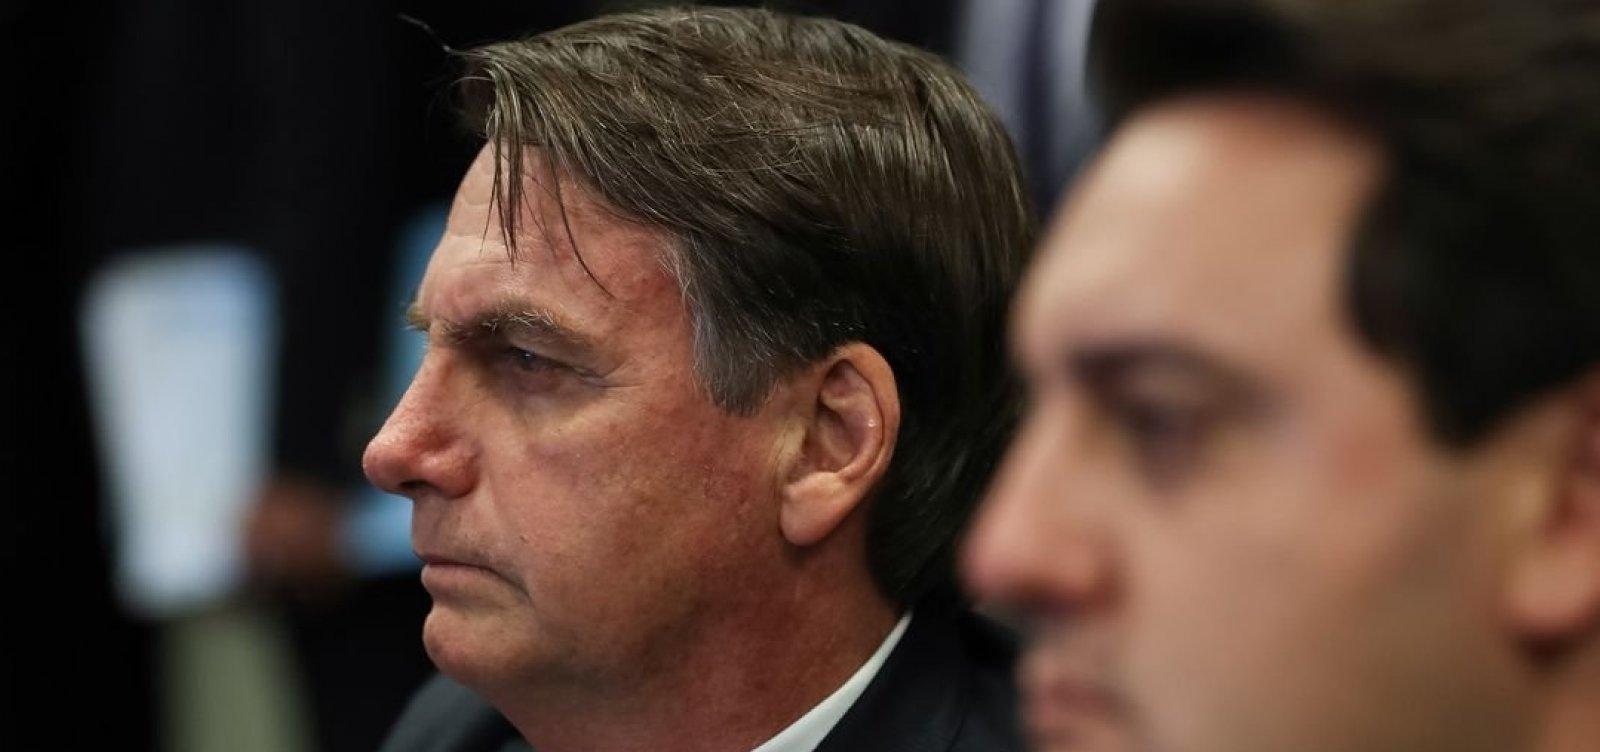 [Site indica que 60% dos seguidores de Bolsonaro no Twitter são 'bots']